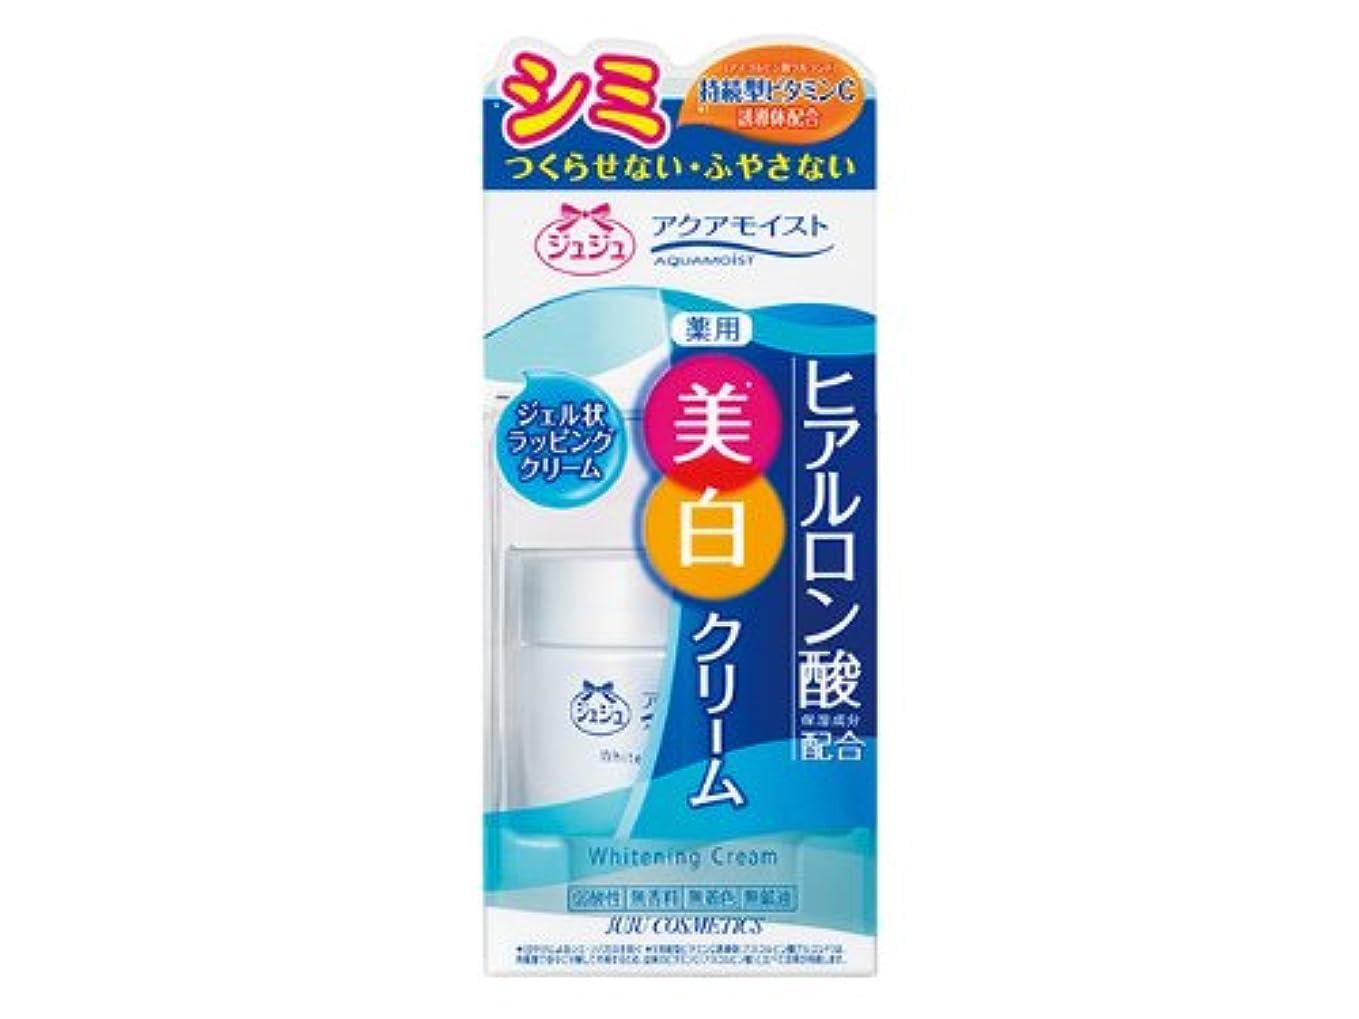 暫定強制的ビルマアクアモイストC 薬用ホワイトニングクリームH 50g 【医薬部外品】